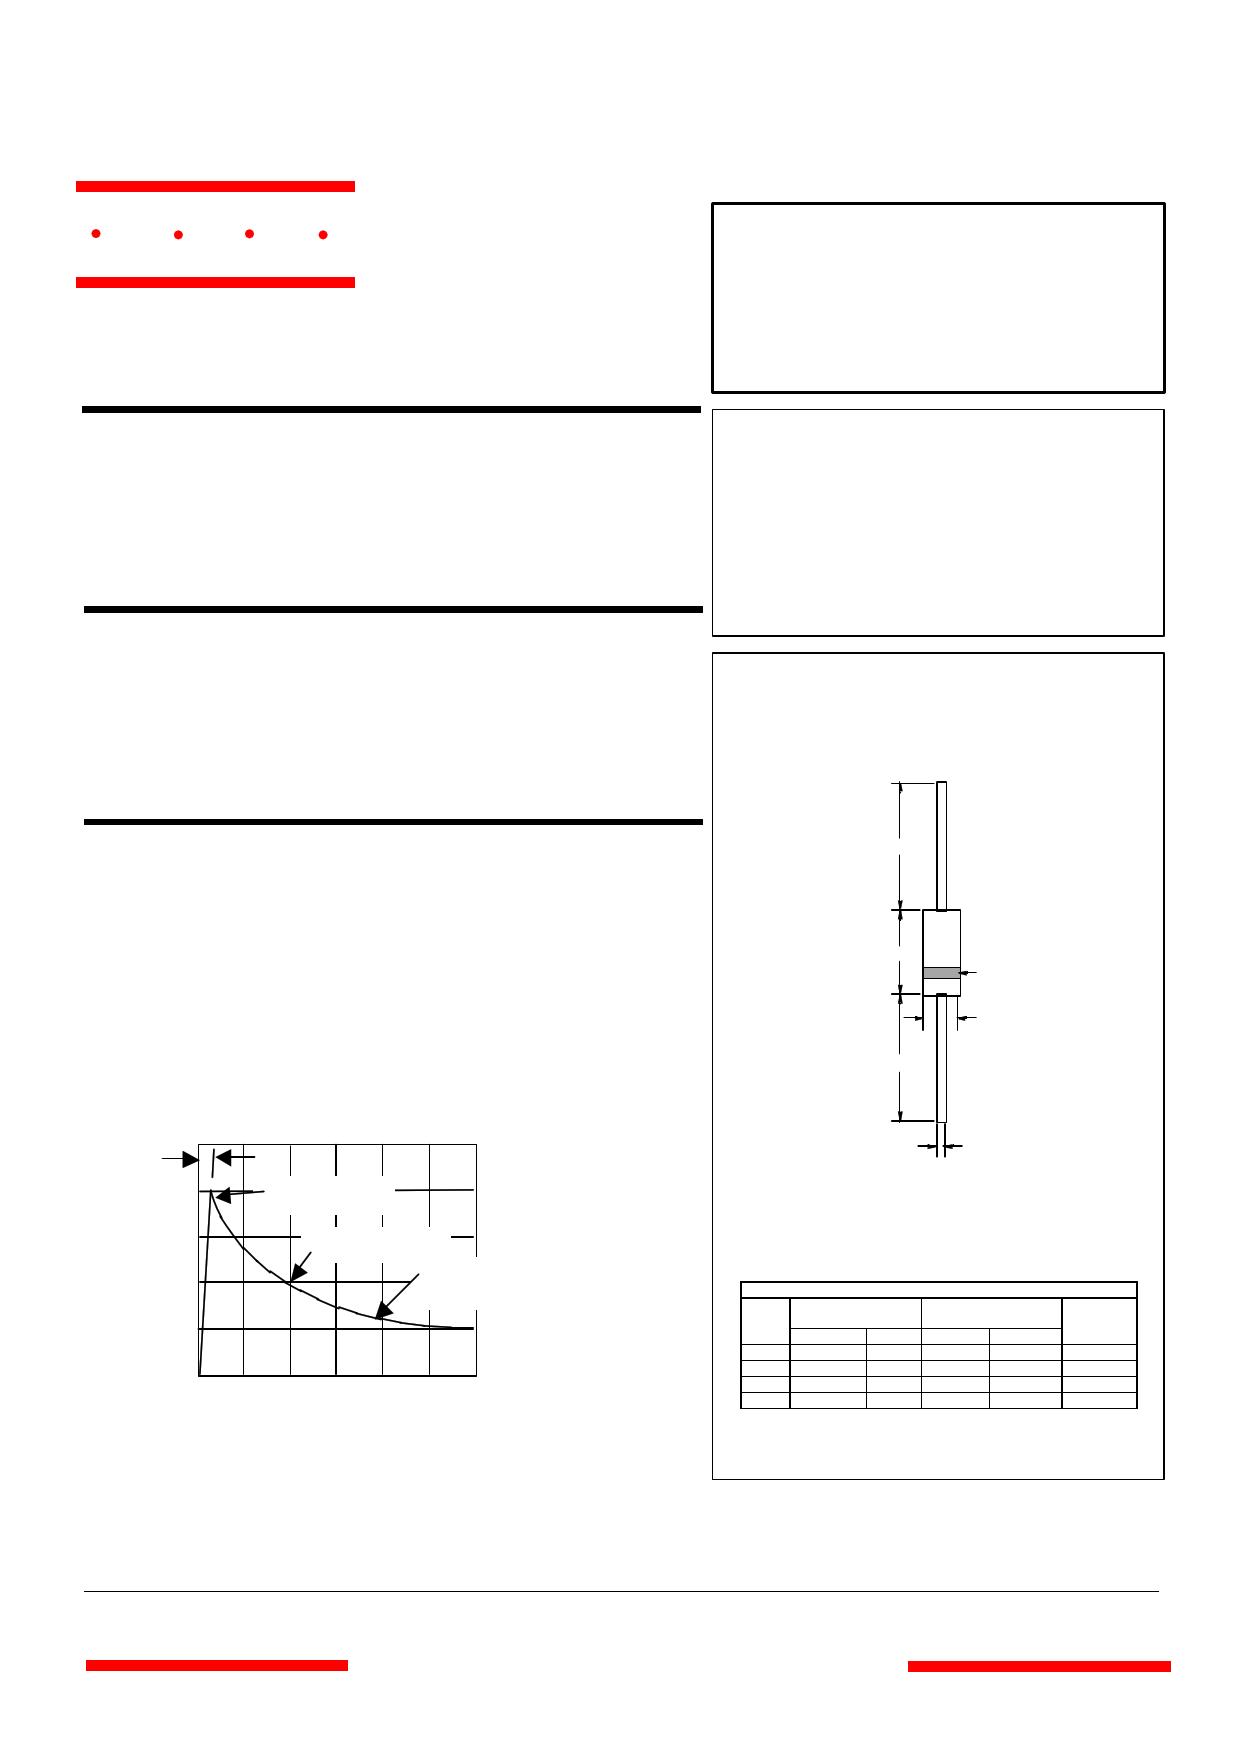 3KP60A دیتاشیت PDF